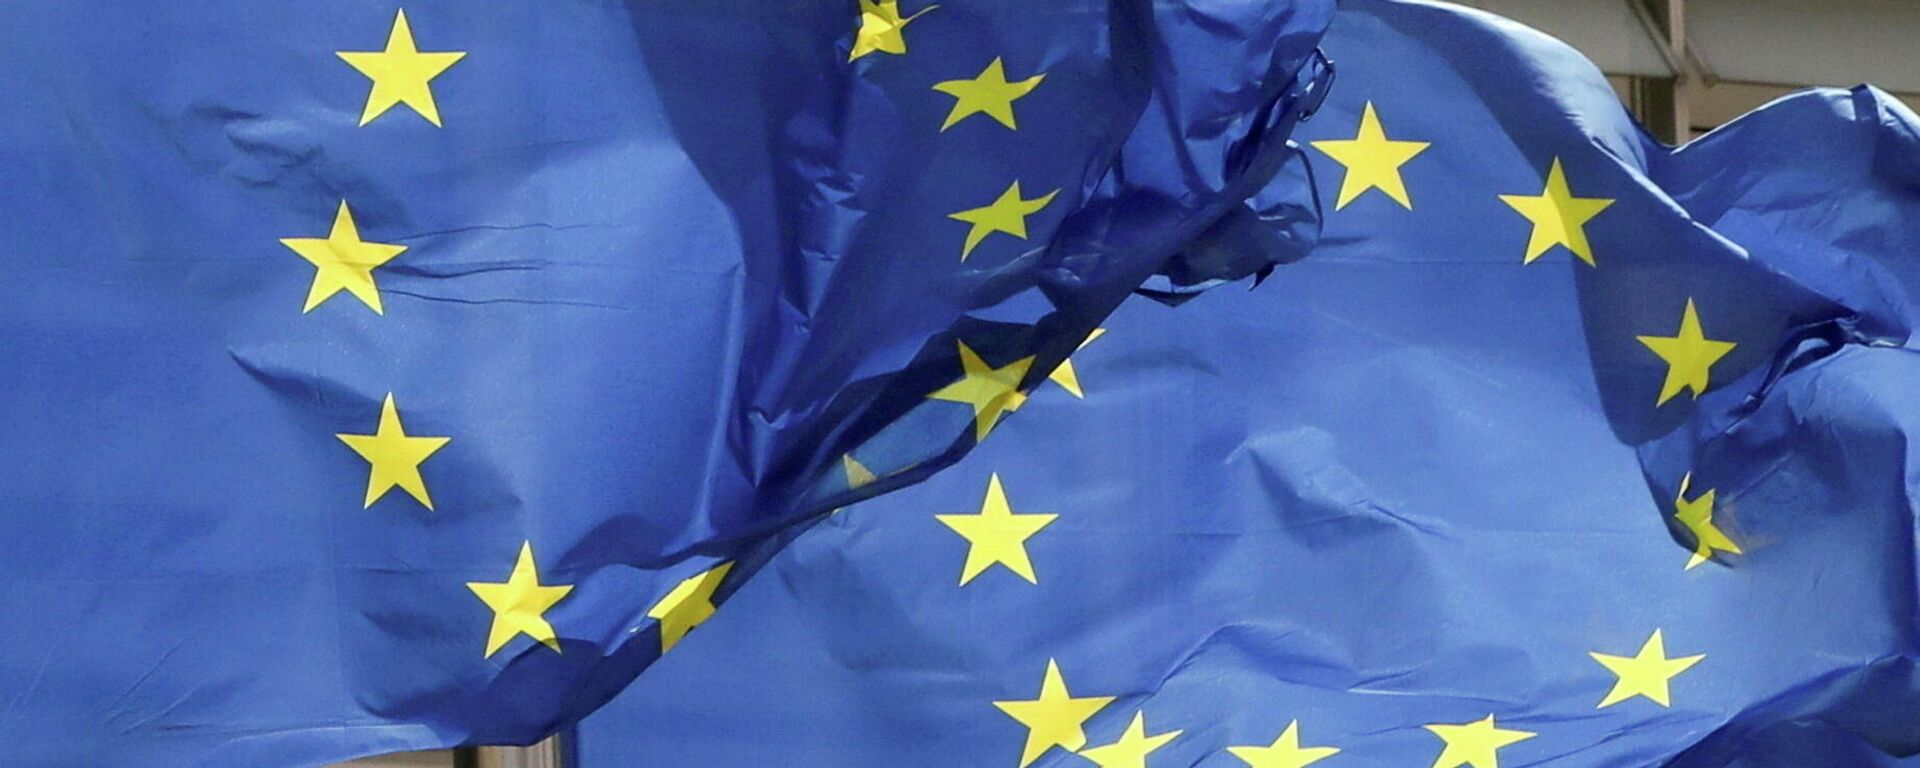 La Comisión Europea - Sputnik Mundo, 1920, 13.10.2021